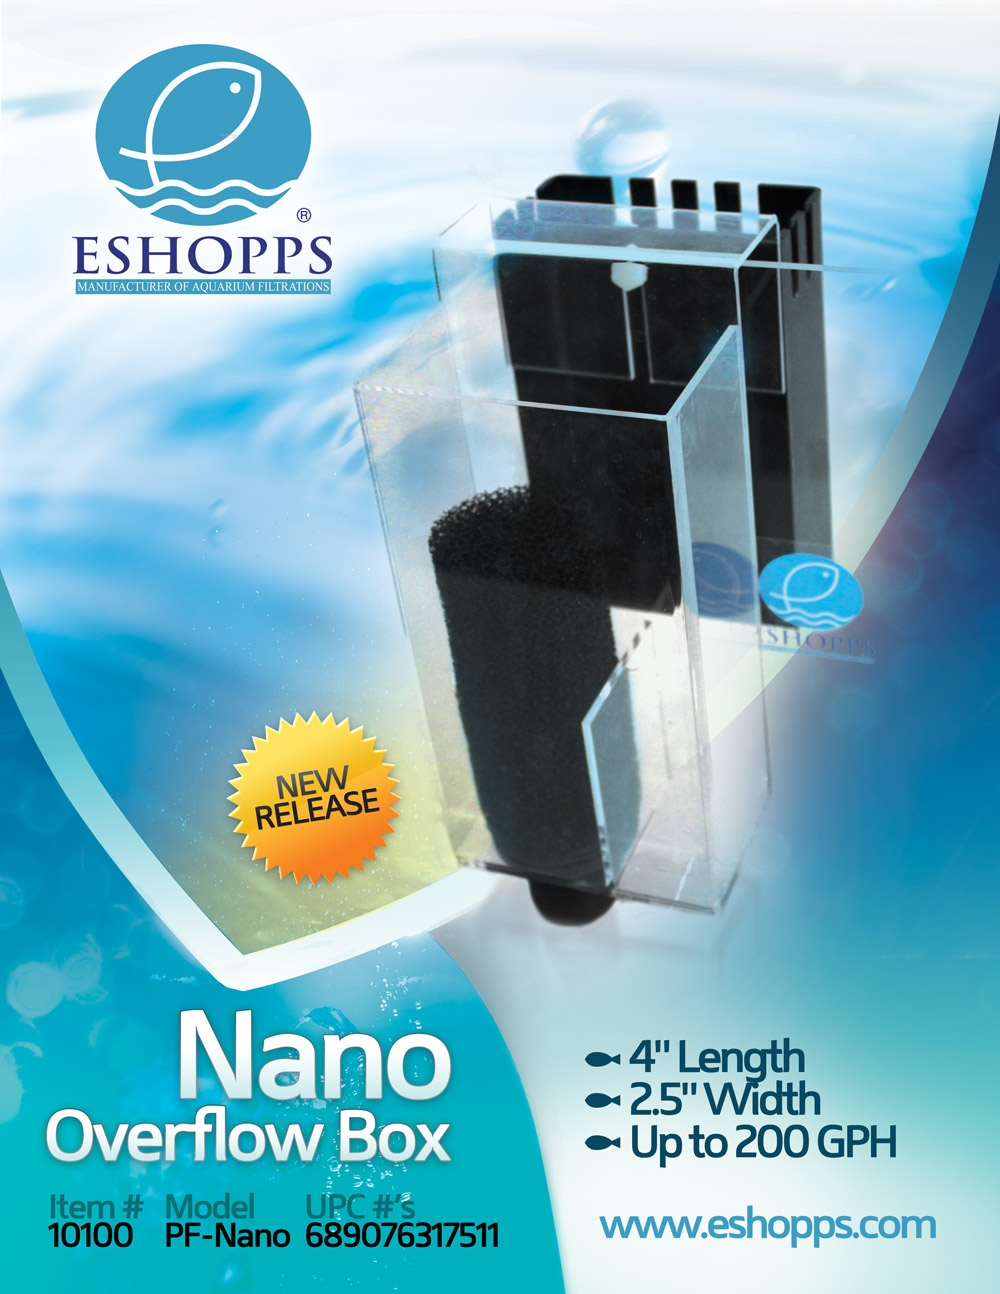 Nano Overflow Box